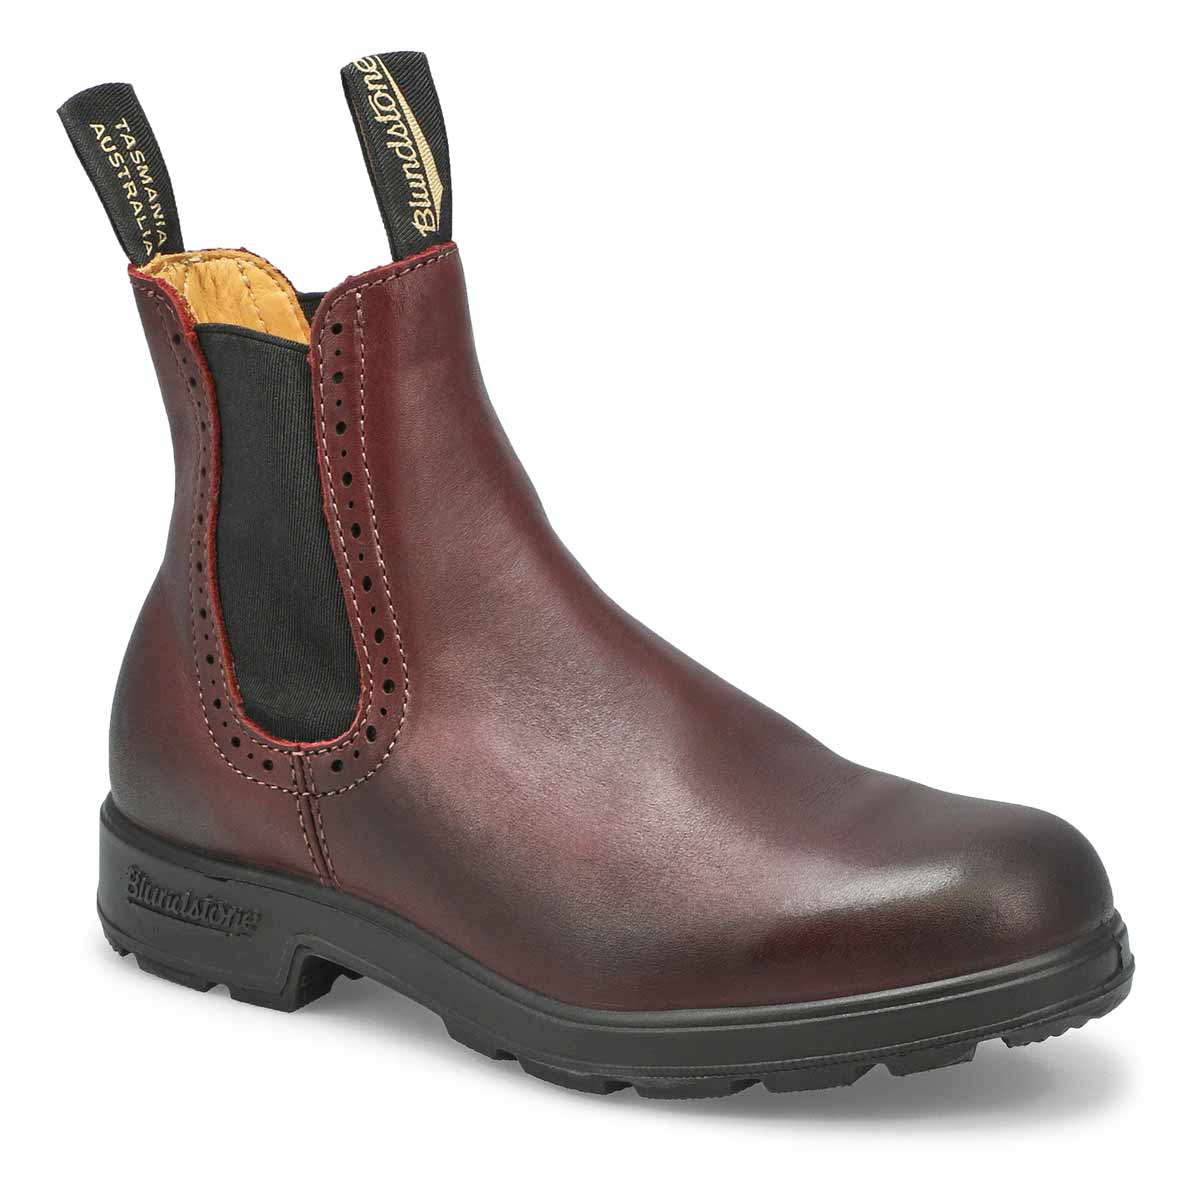 Lds Girlfriend shiraz gore boot